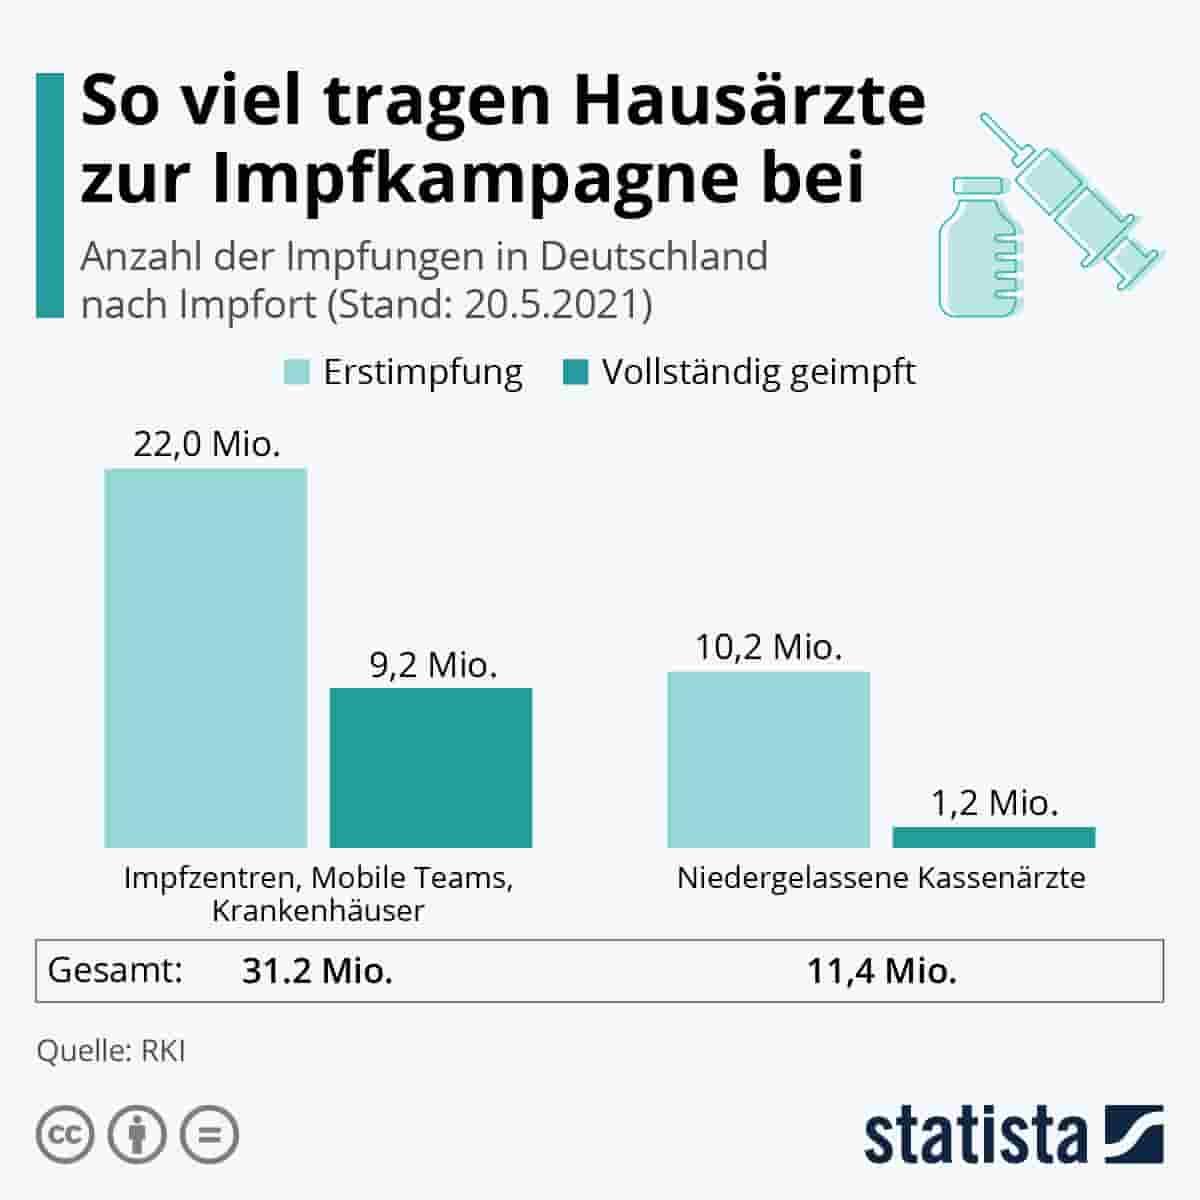 Grafik Impfkampagne Hausärzte in Deutschland